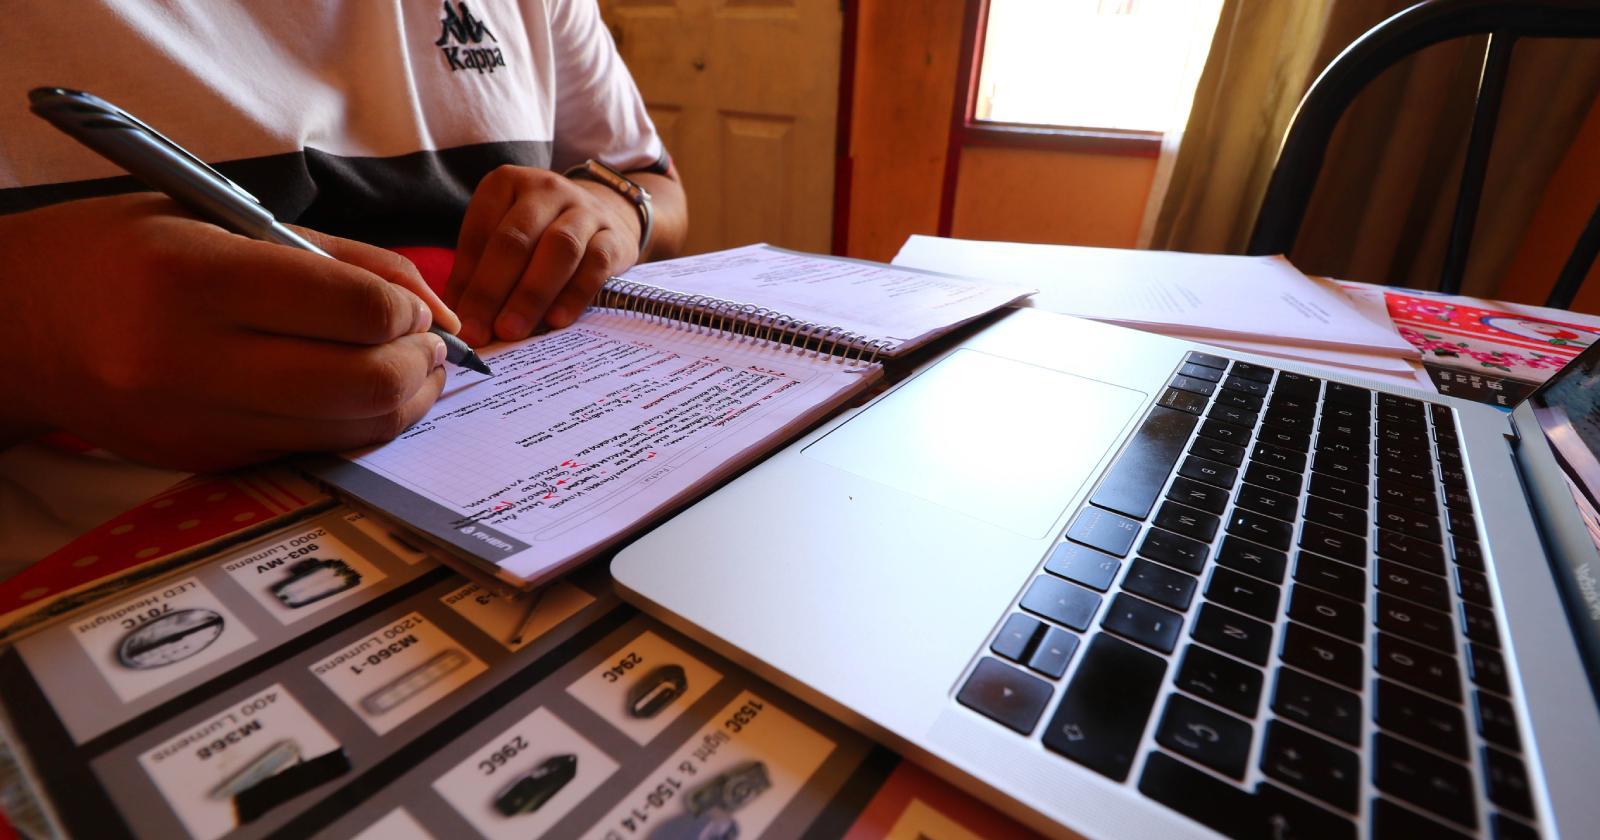 Abren postulaciones para cursos online gratuitos sobre herramientas digitales para el trabajo